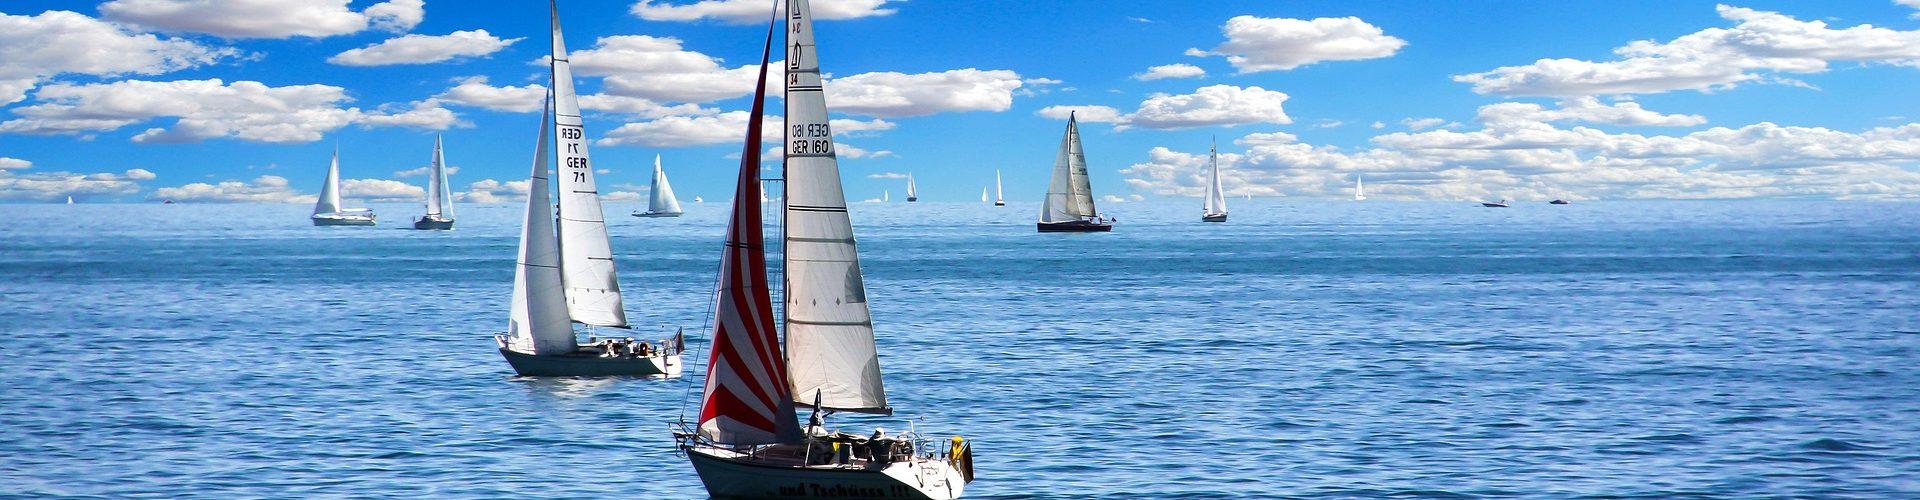 segeln lernen in Donauwörth segelschein machen in Donauwörth 1920x500 - Segeln lernen in Donauwörth